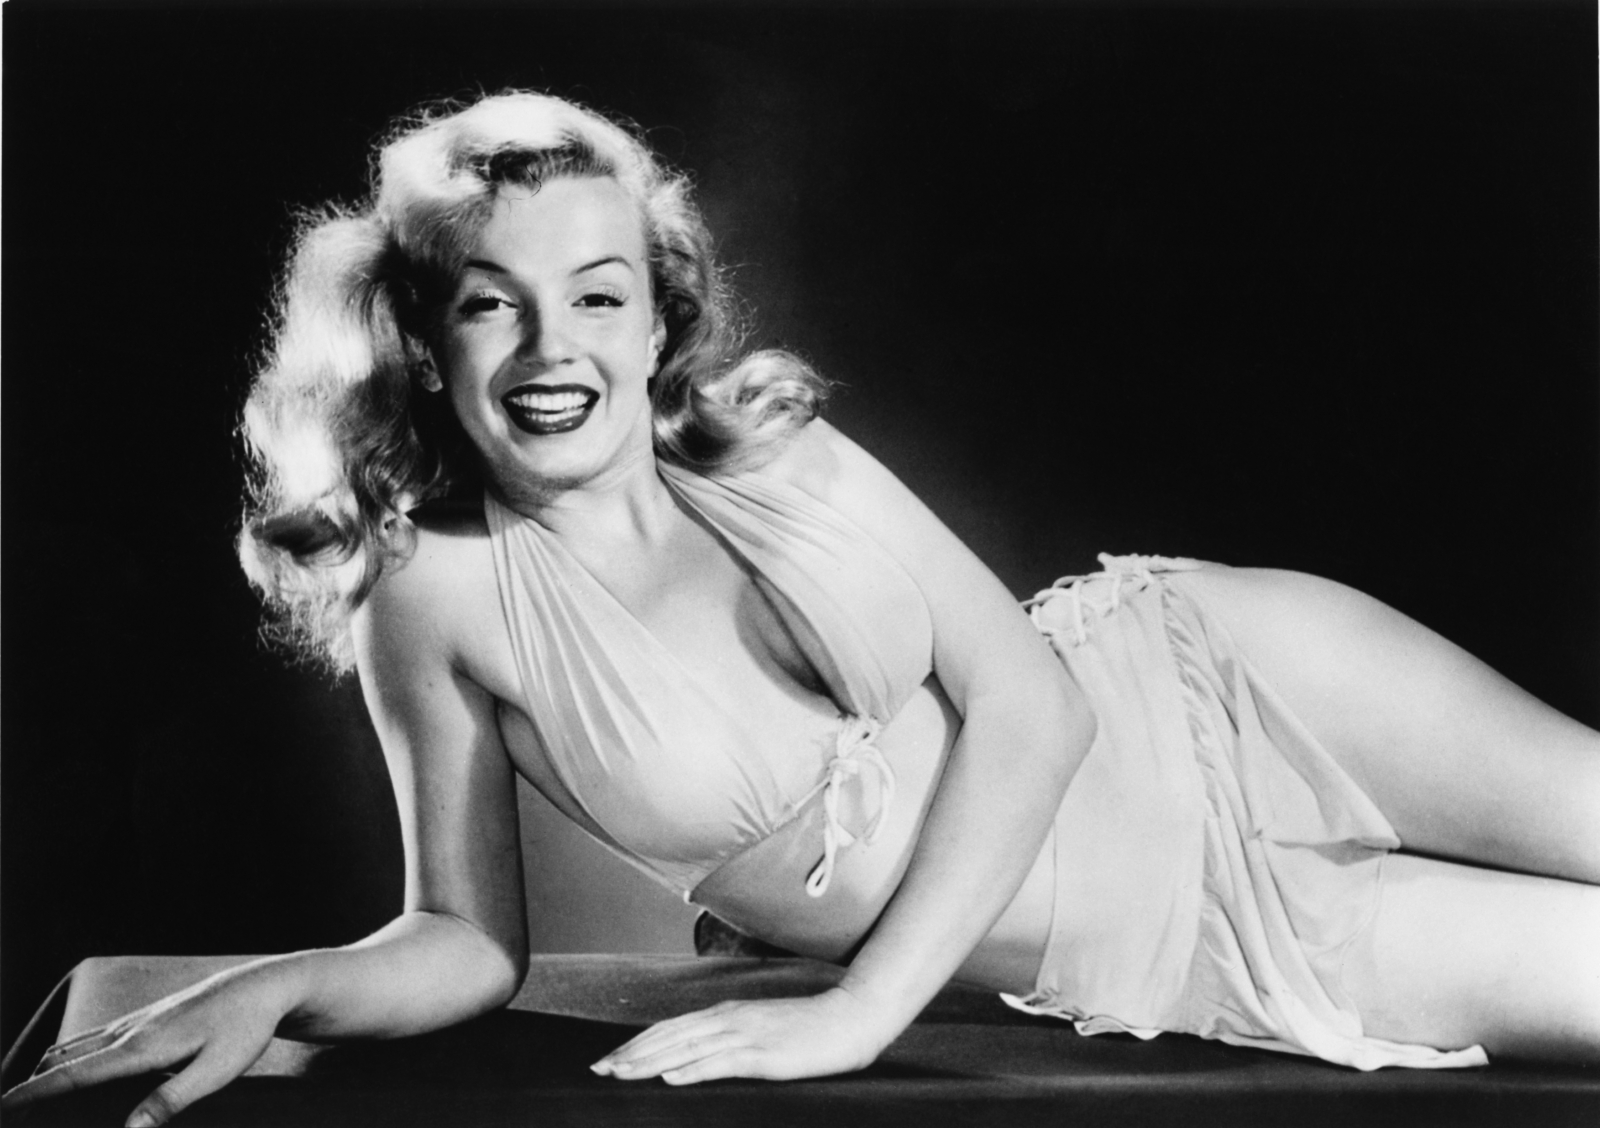 American actress Marilyn Monroe (1926 - 1962), circa 1950.